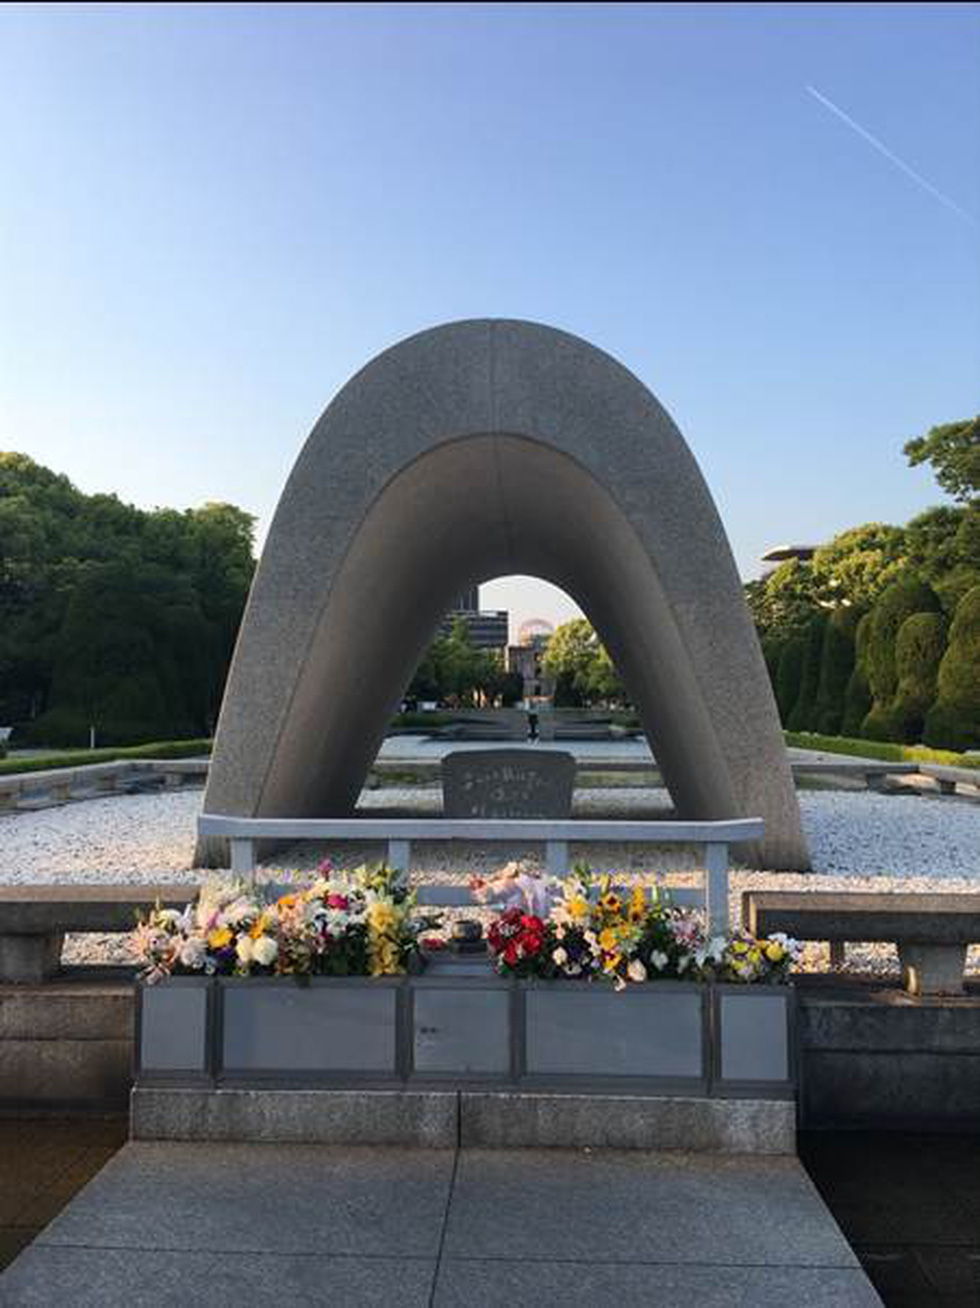 Đến Hiroshima, nơi ngân nga điệu hòa bình - Ảnh 3.